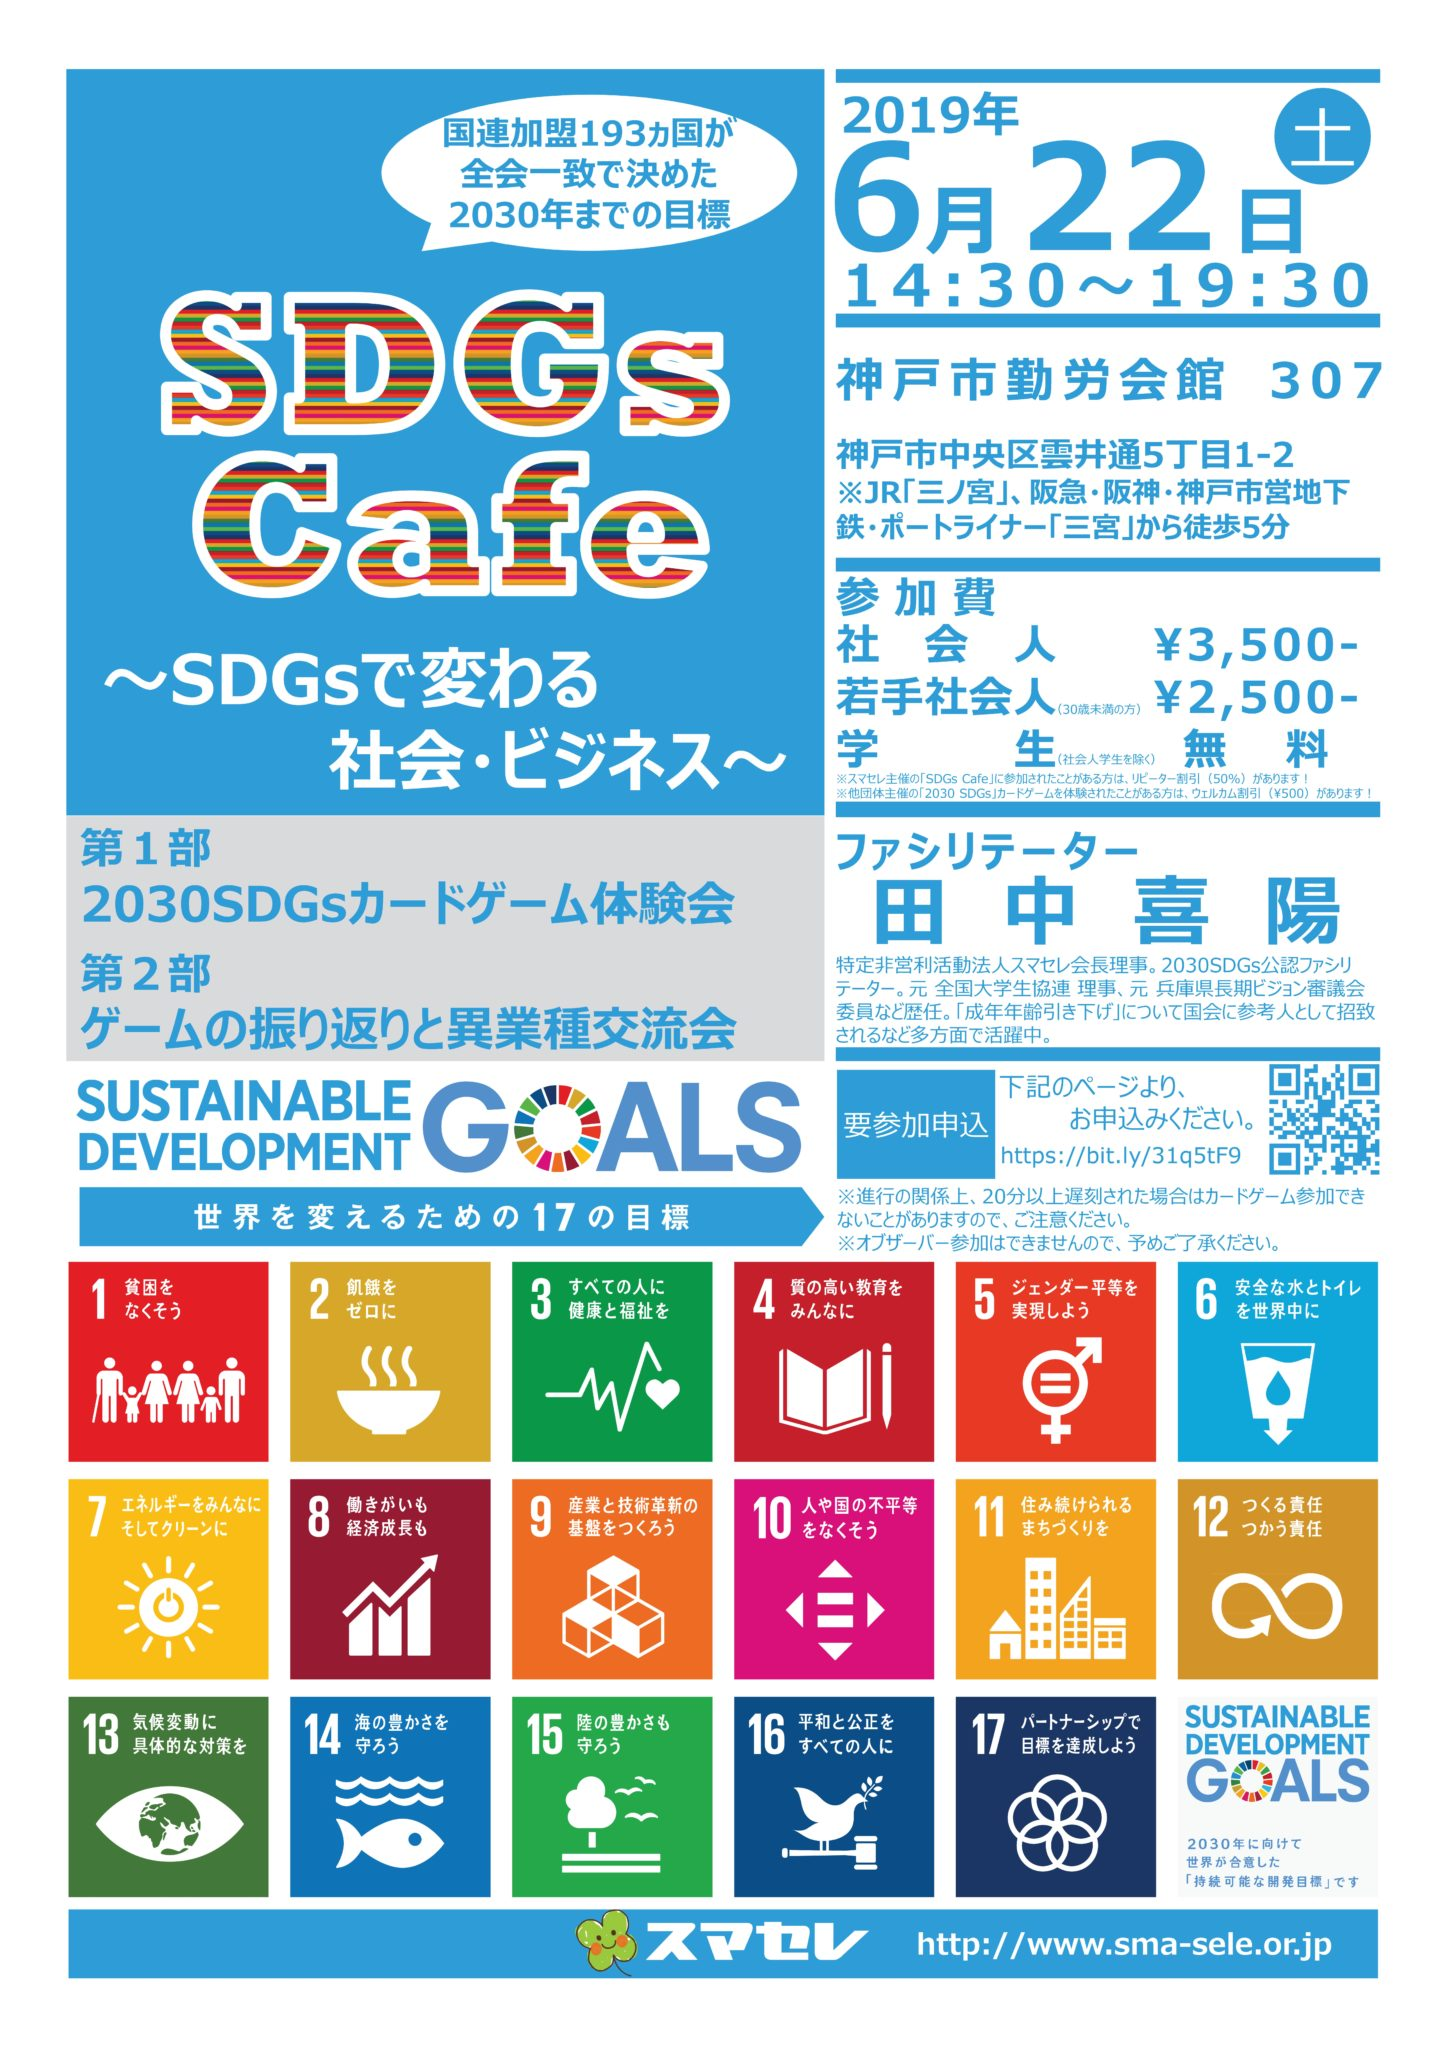 2019/6/22「SDGs Cafe」